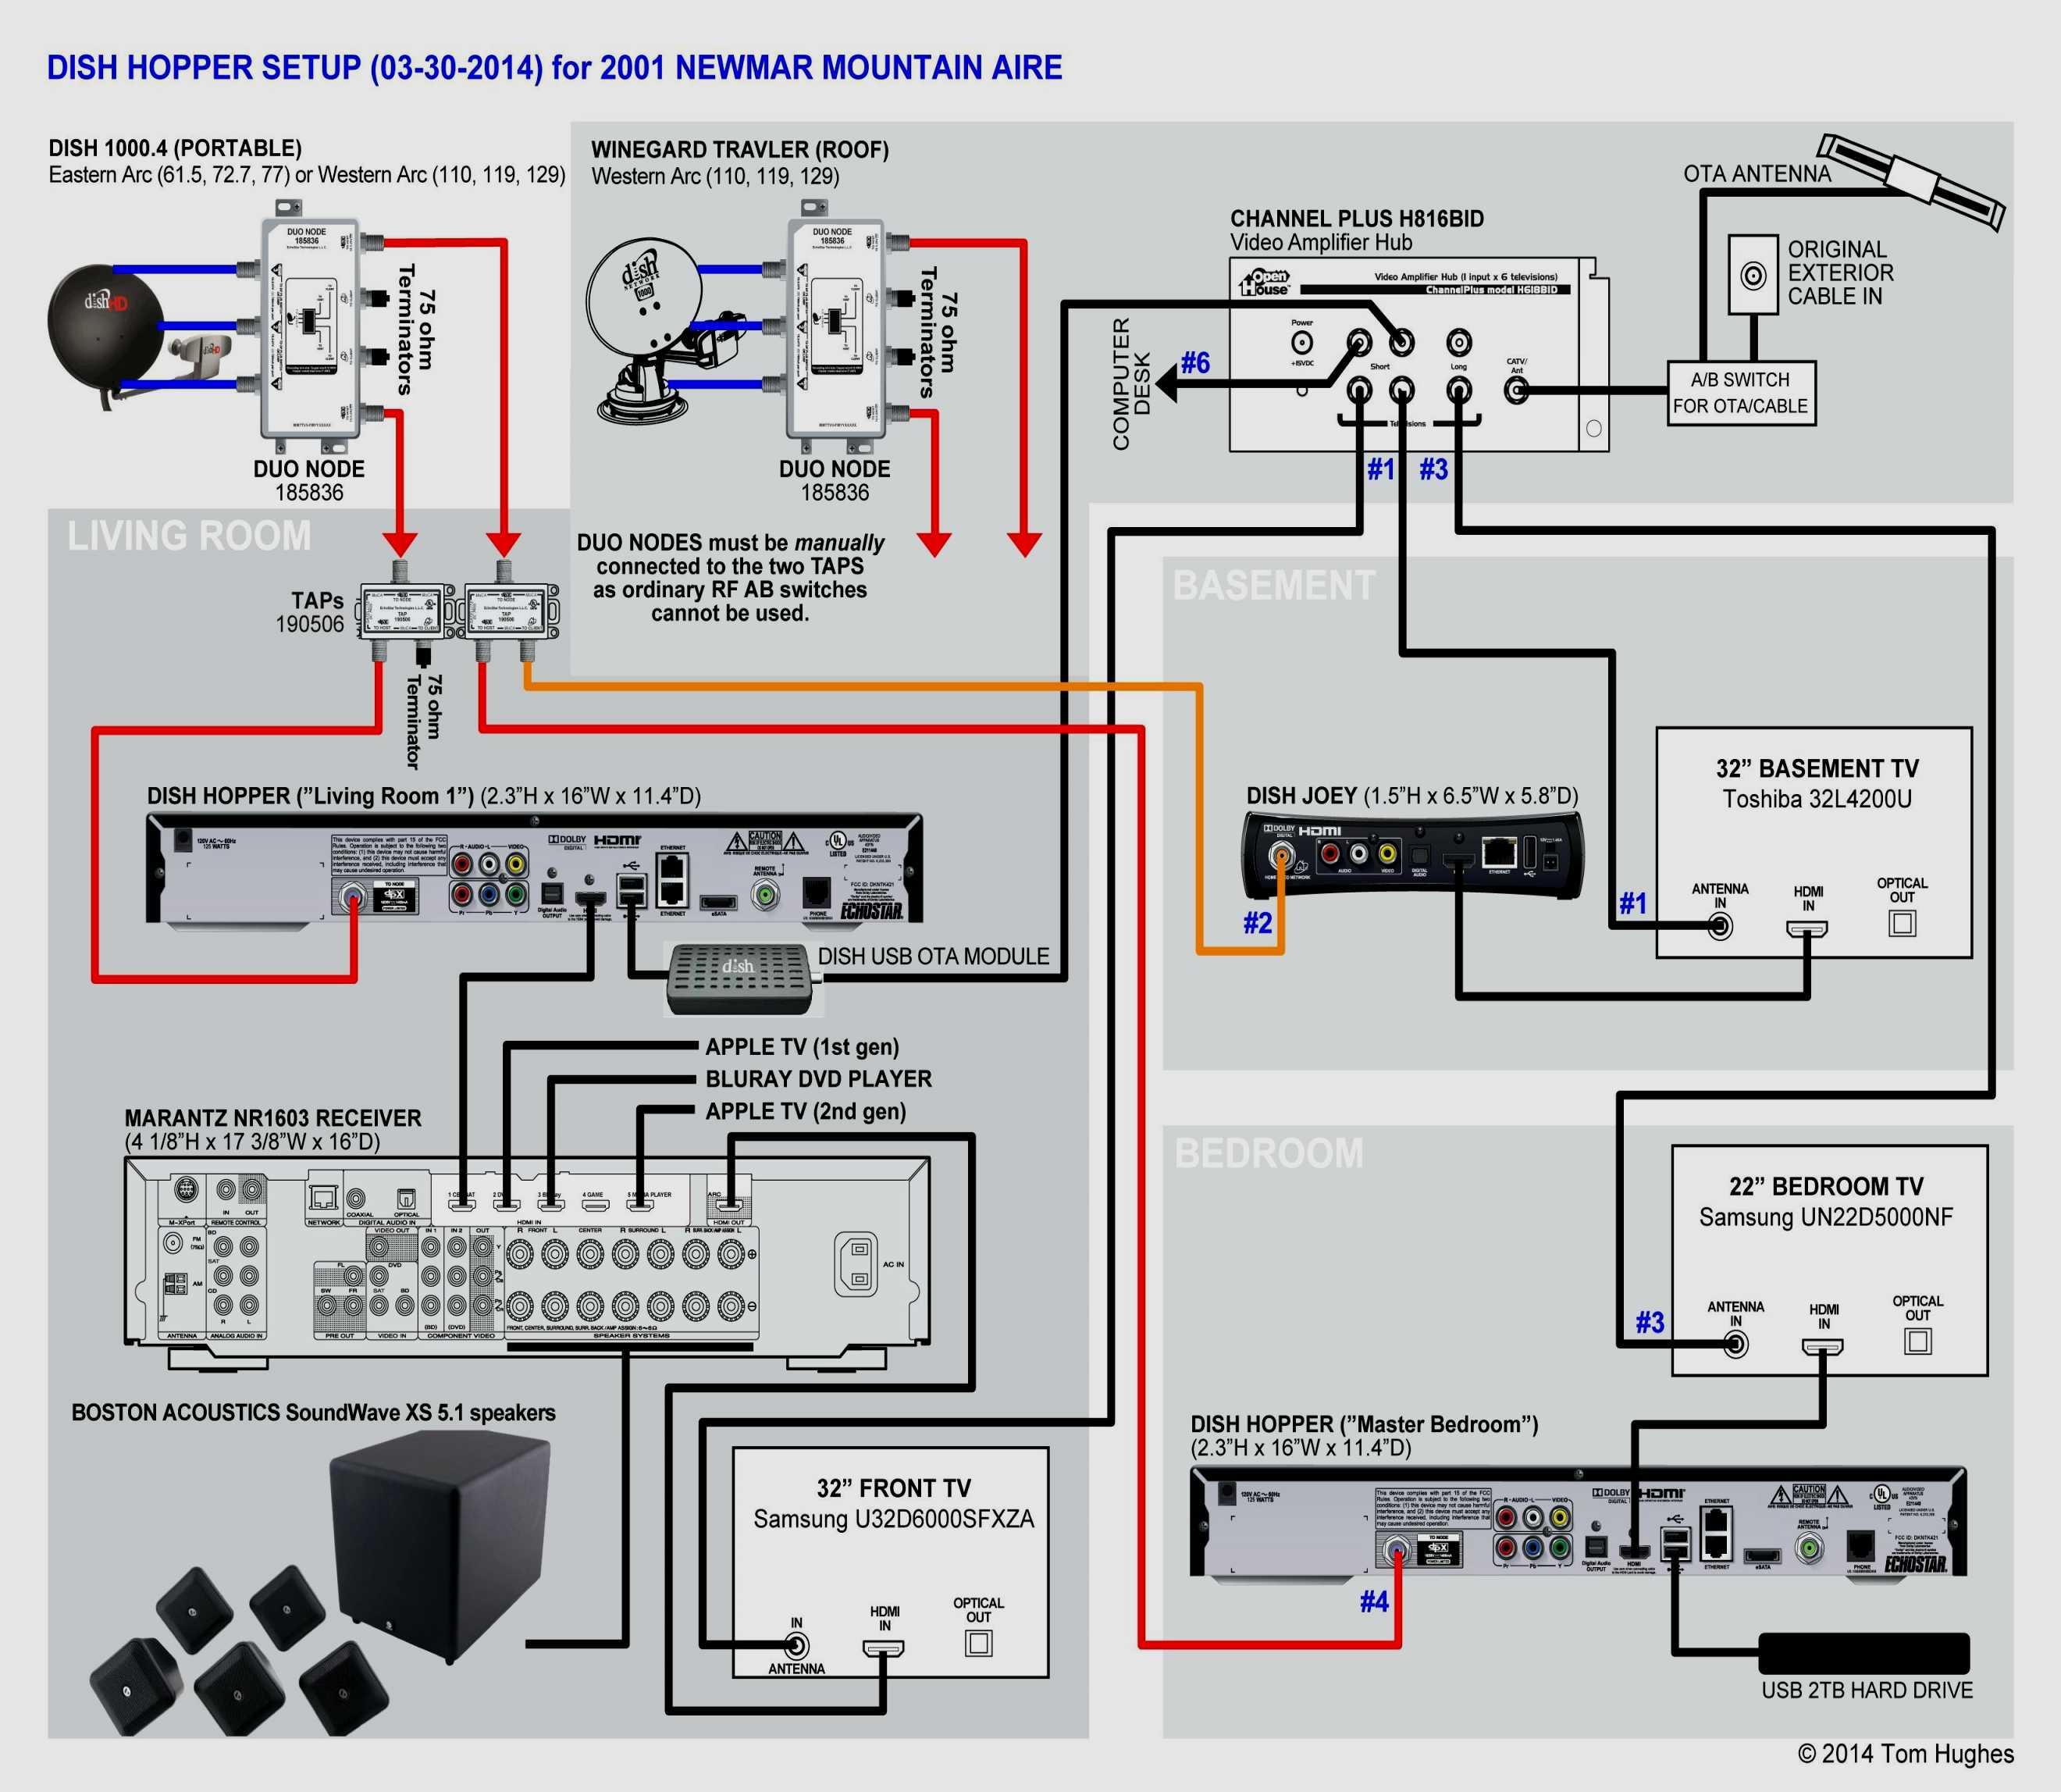 Dish 722K Wiring Diagram | Wiring Diagram - Dish Vip722K Wiring Diagram